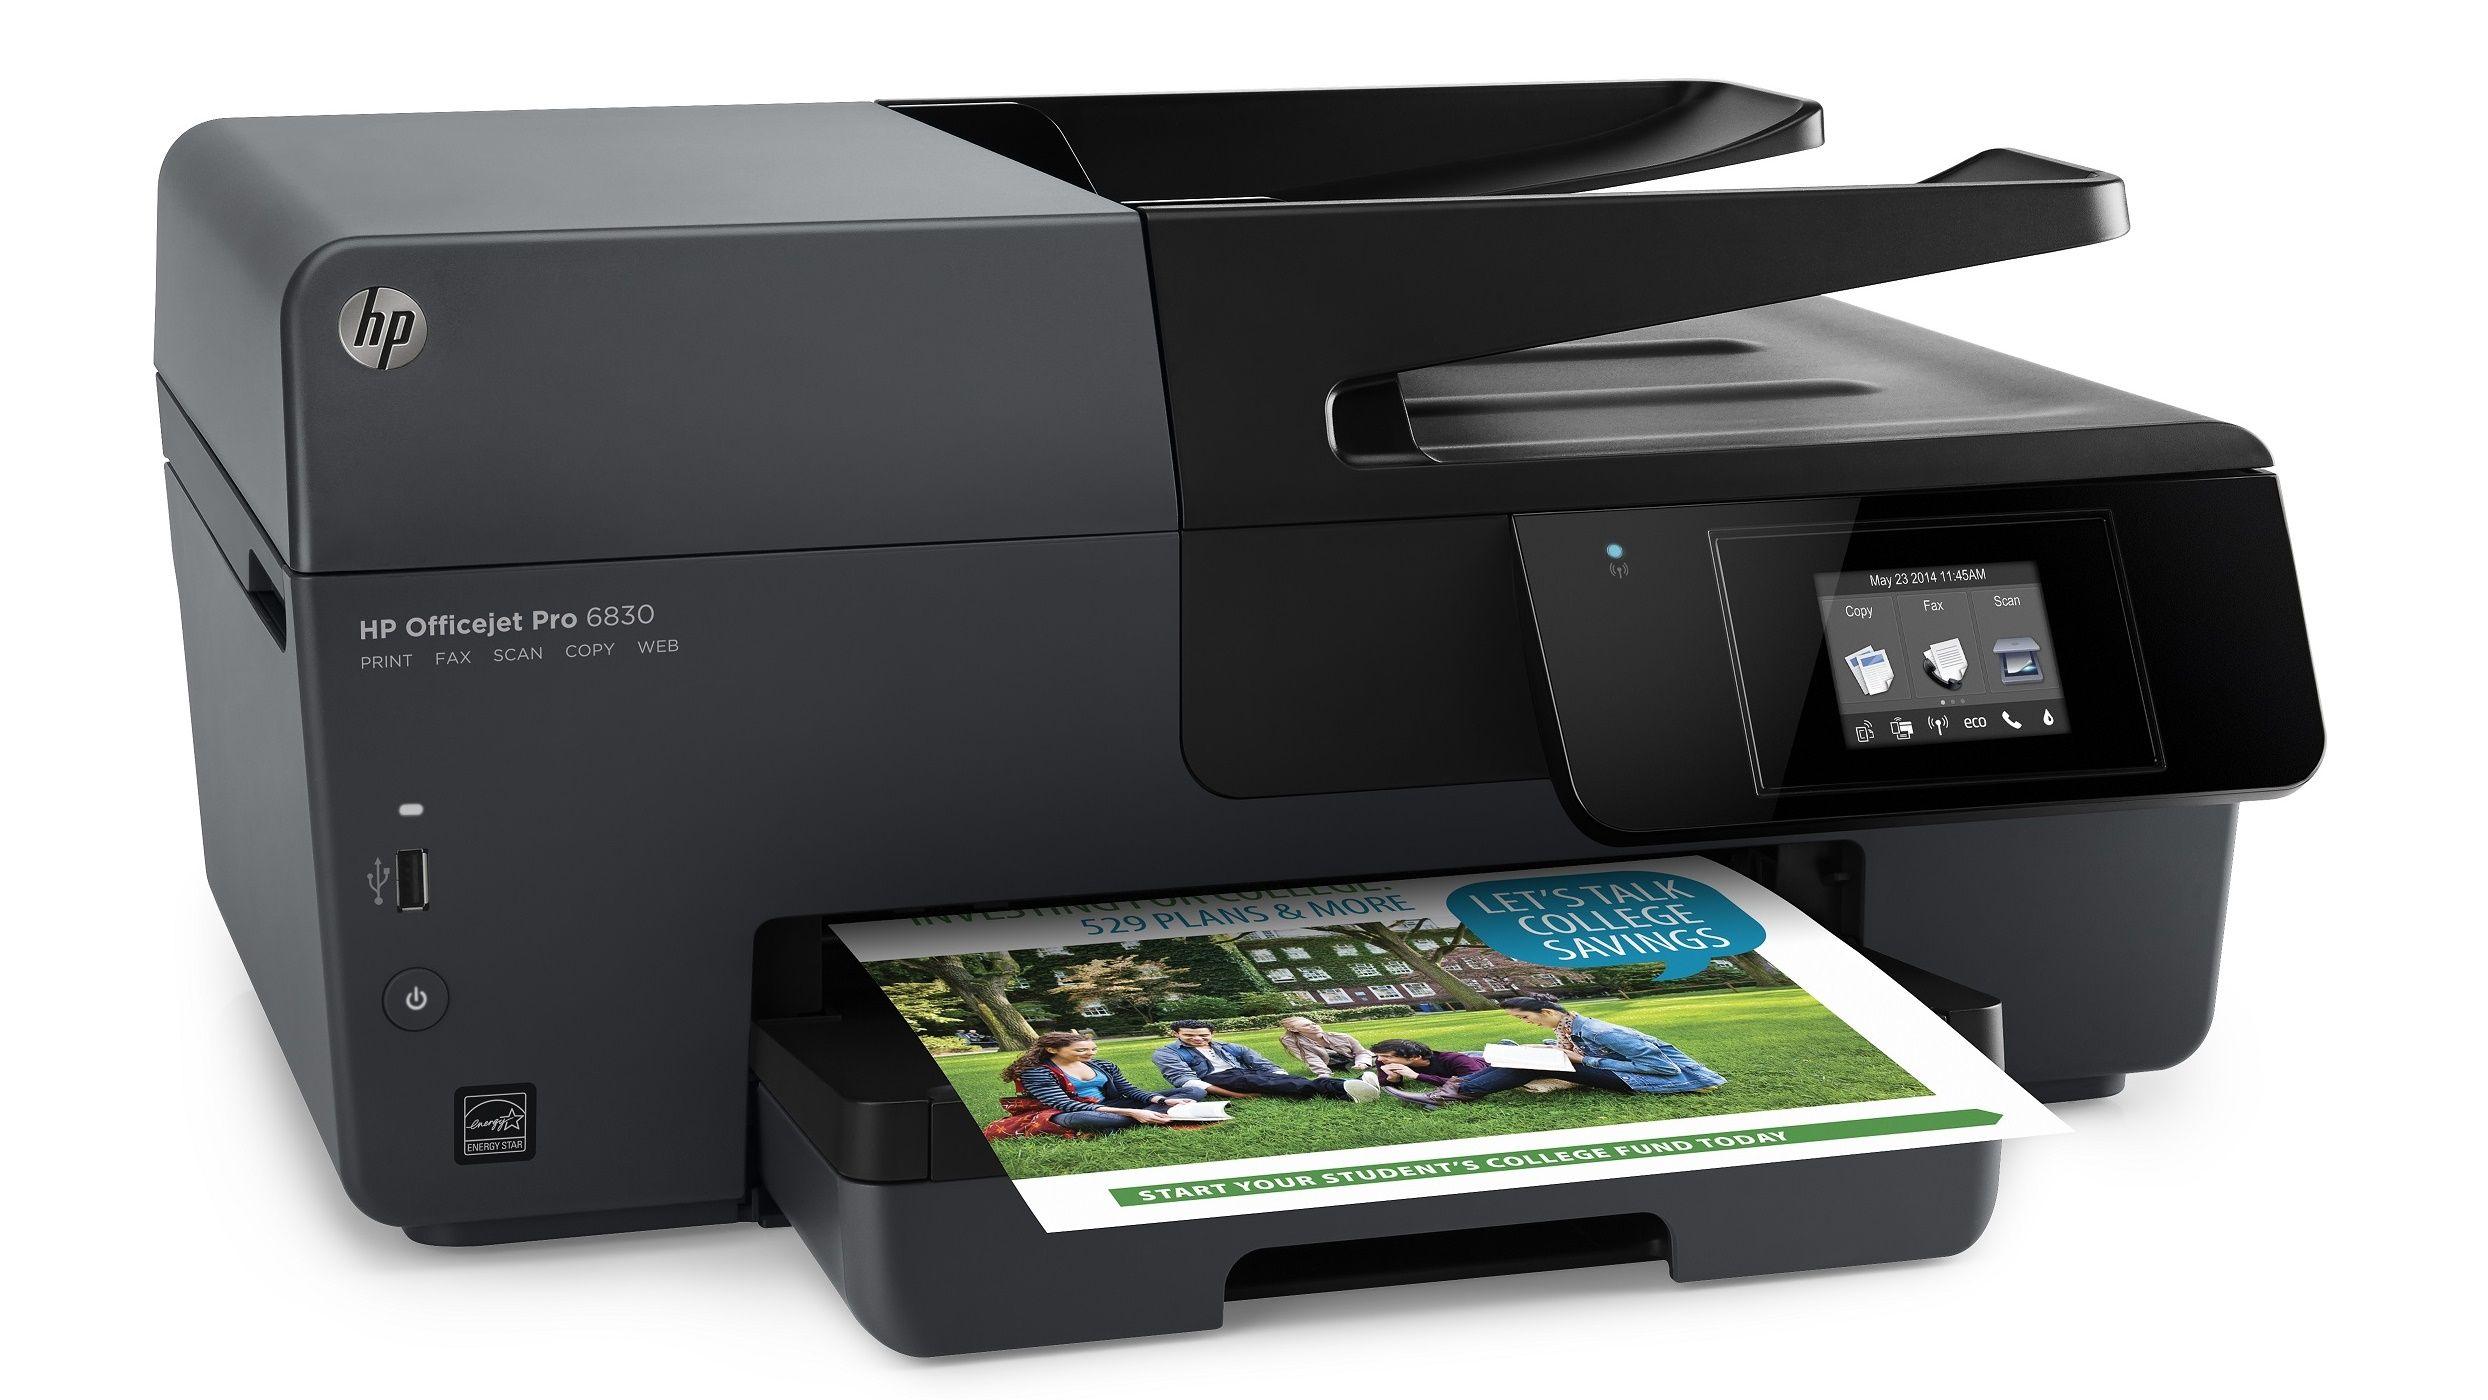 Best Eco Printer 2019 Best printer 2019: Top inkjet printers in the UAE#news